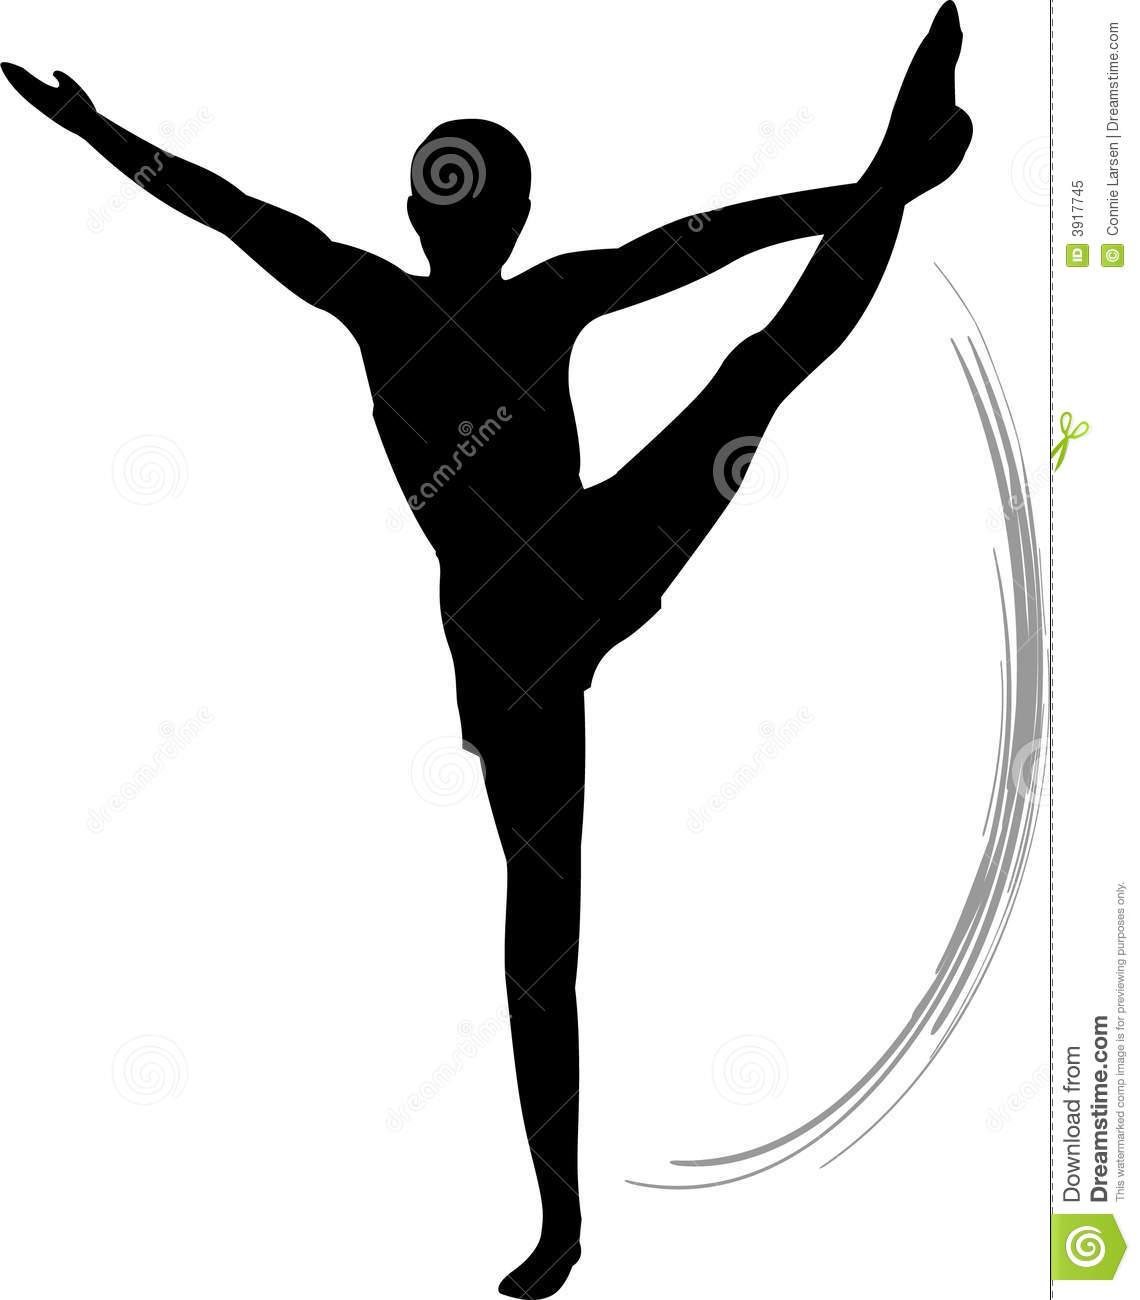 1140x1300 Gymnastics Moves Clipart Amp Gymnastics Moves Clip Art Images